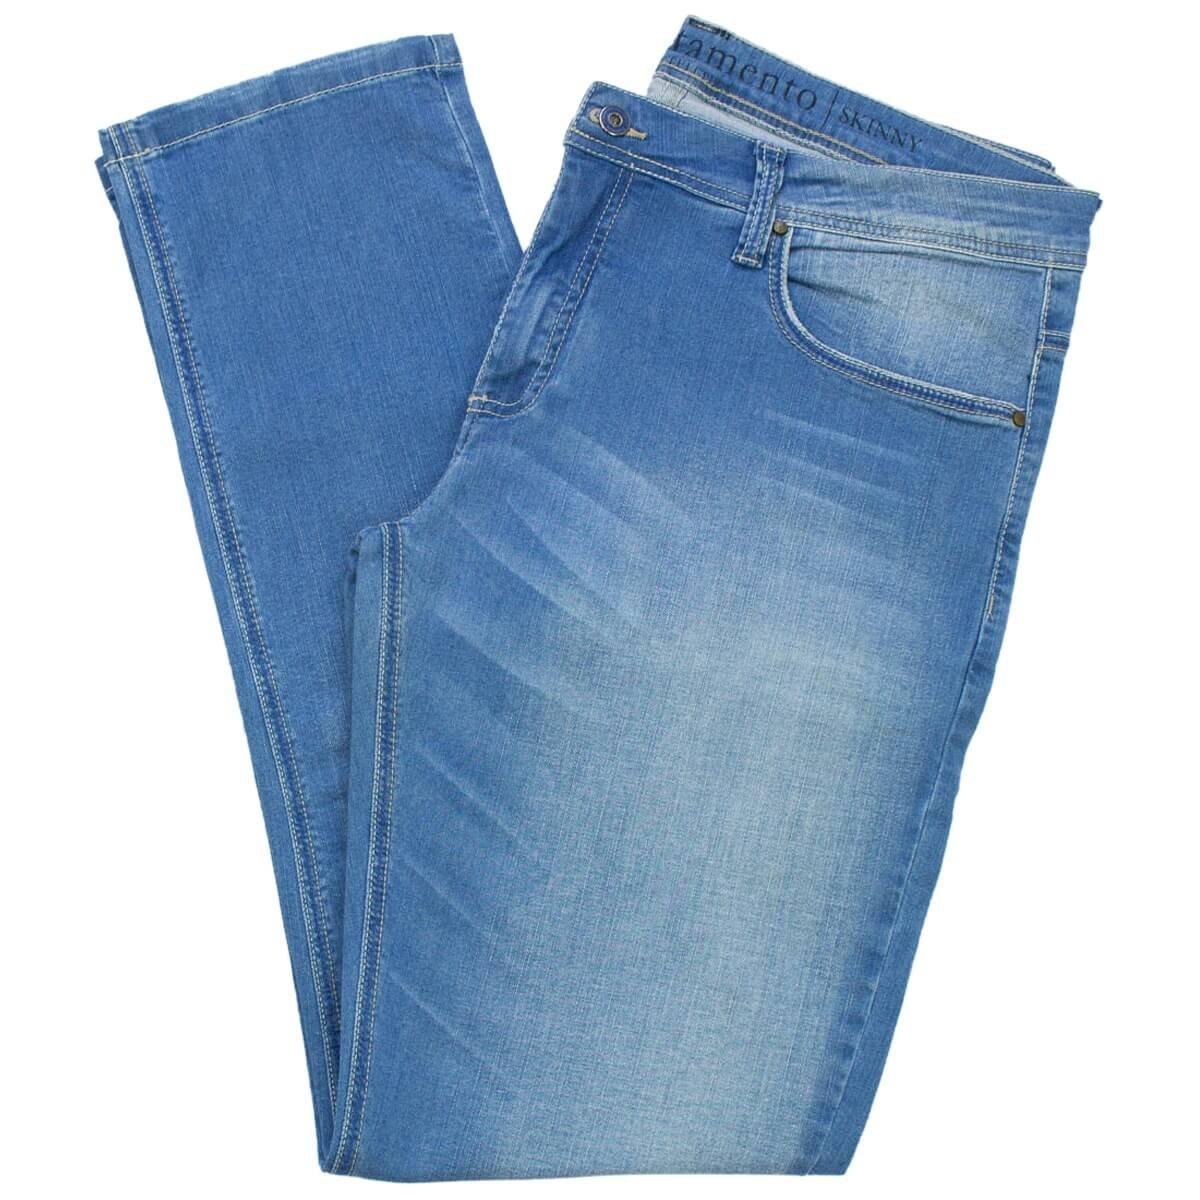 ed30880a3 Bizz Store - Calça Jeans Masculina Acostamento